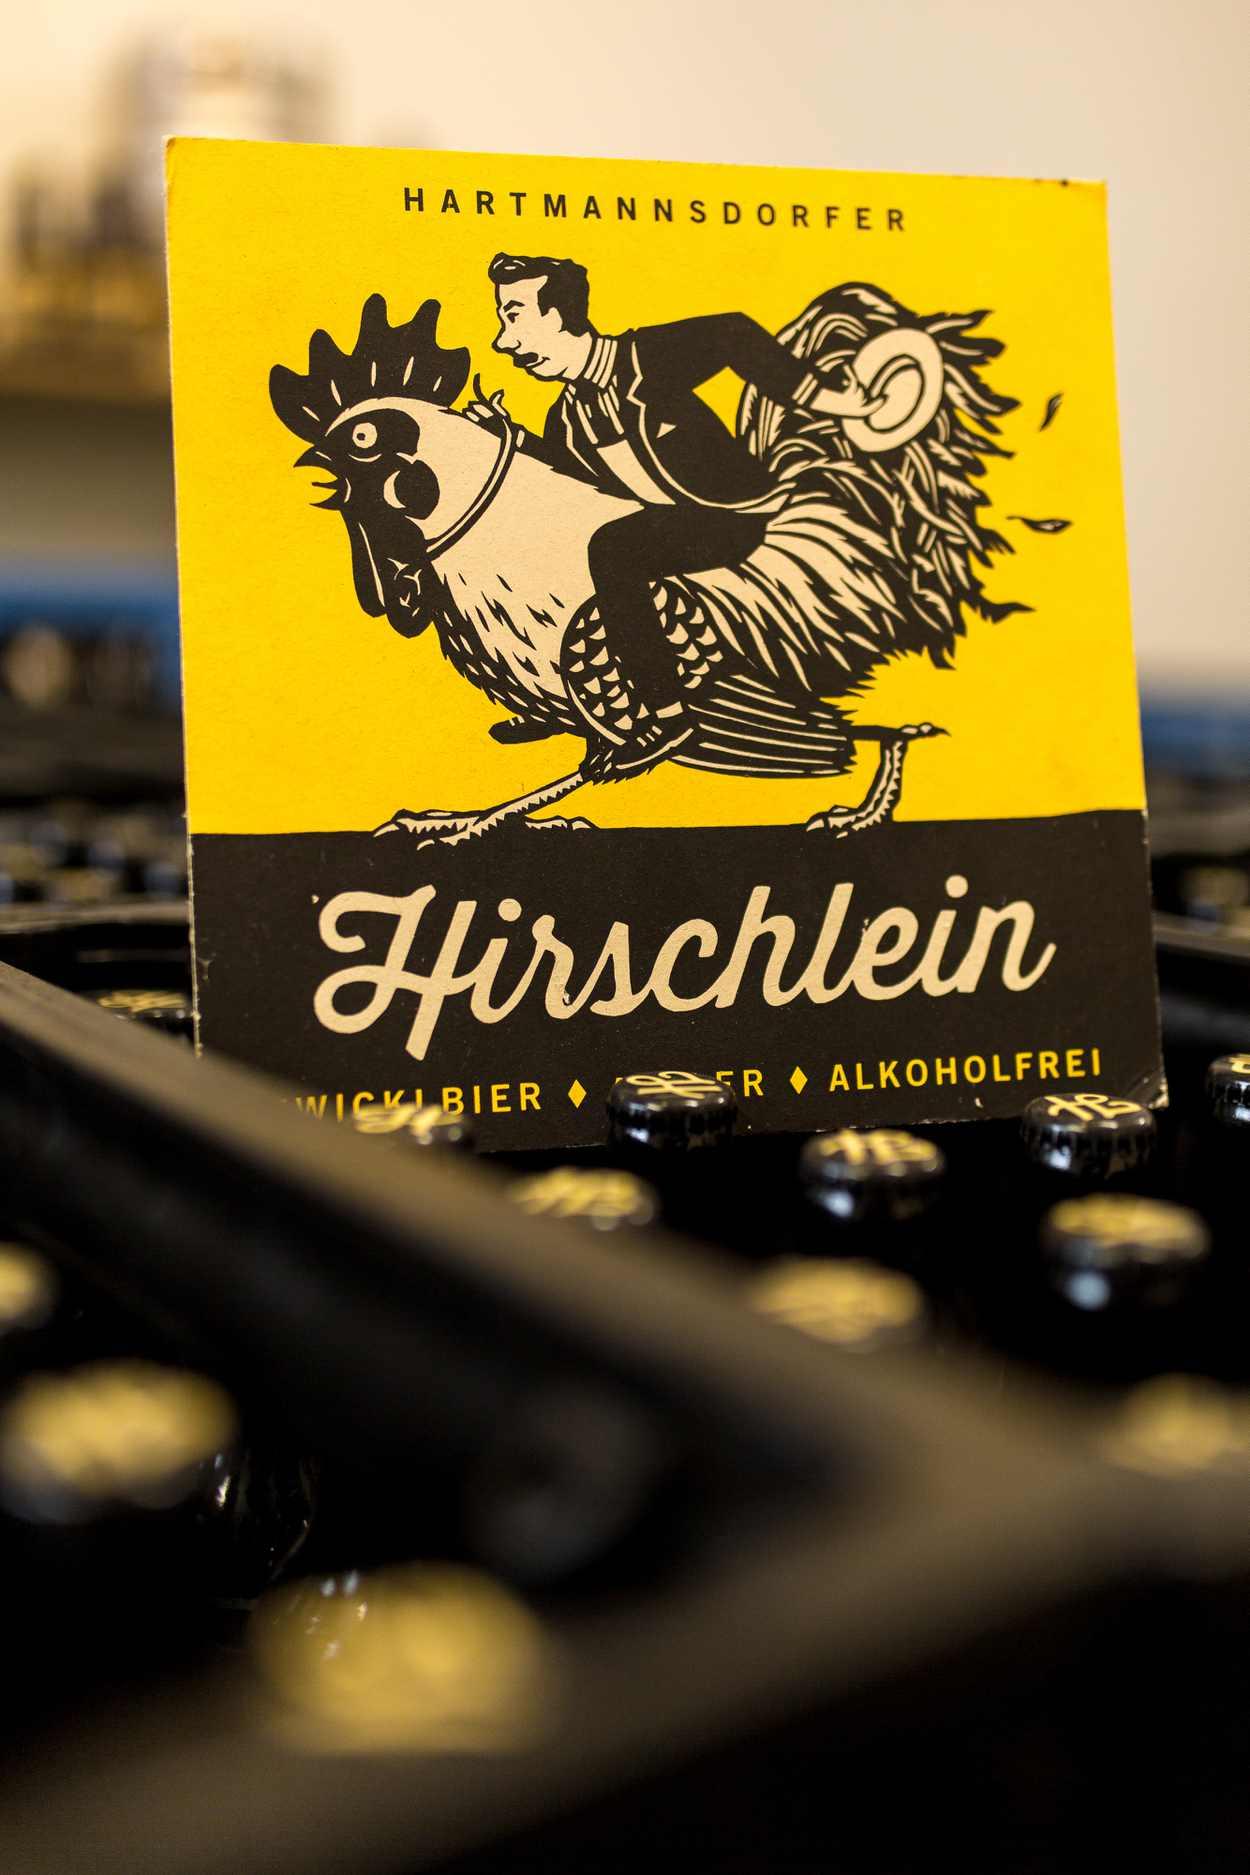 Hirschlein - das Motiv des Hahnreiters ist wurde von Phillip Janta gestaltet.